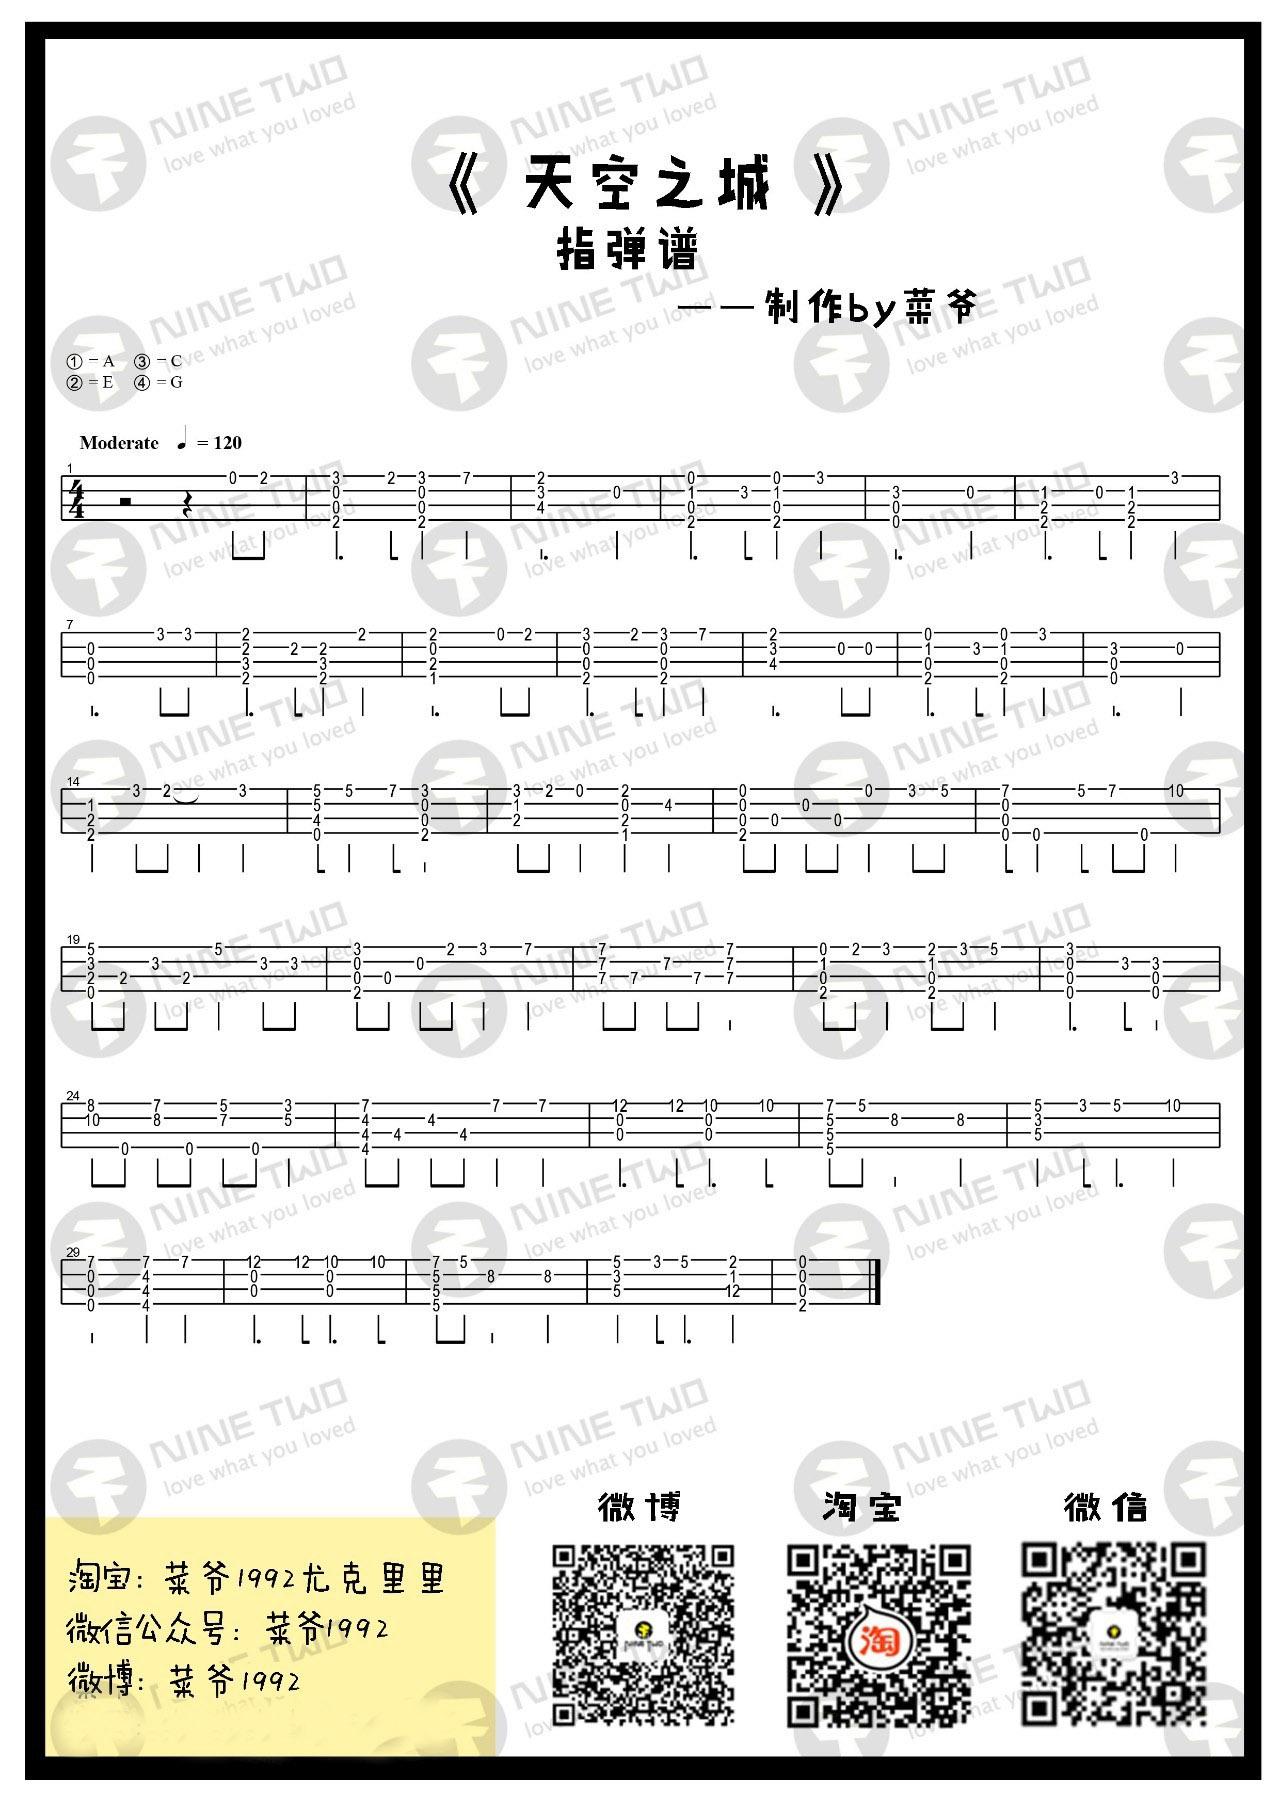 《天空之城》- ukulele指弹曲谱|一起ukulele尤克里里